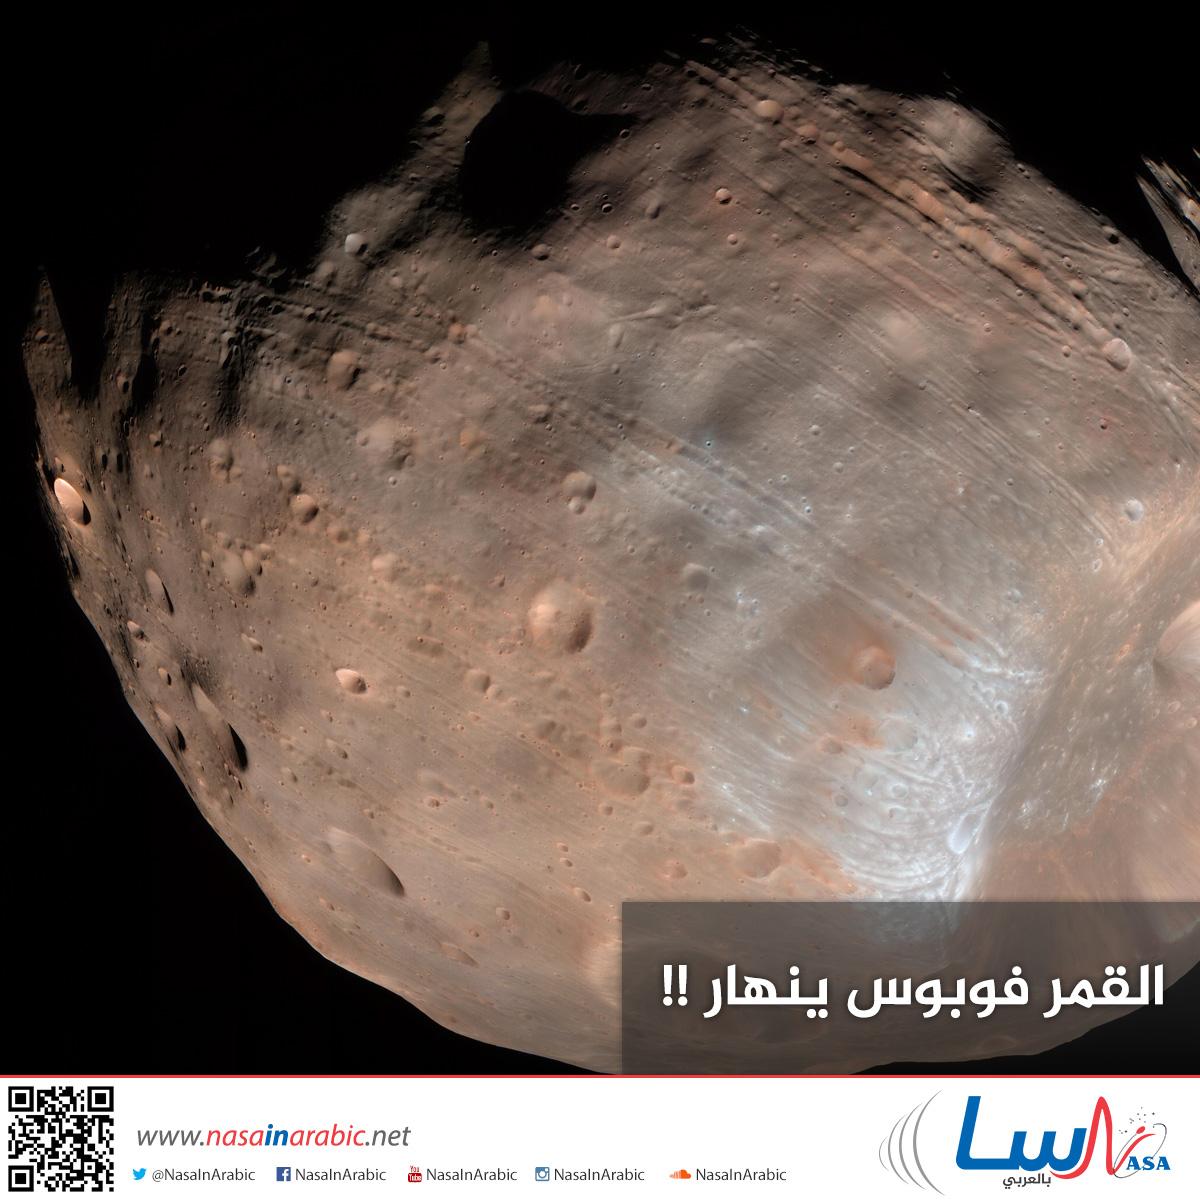 القمر فوبوس ينهار !!